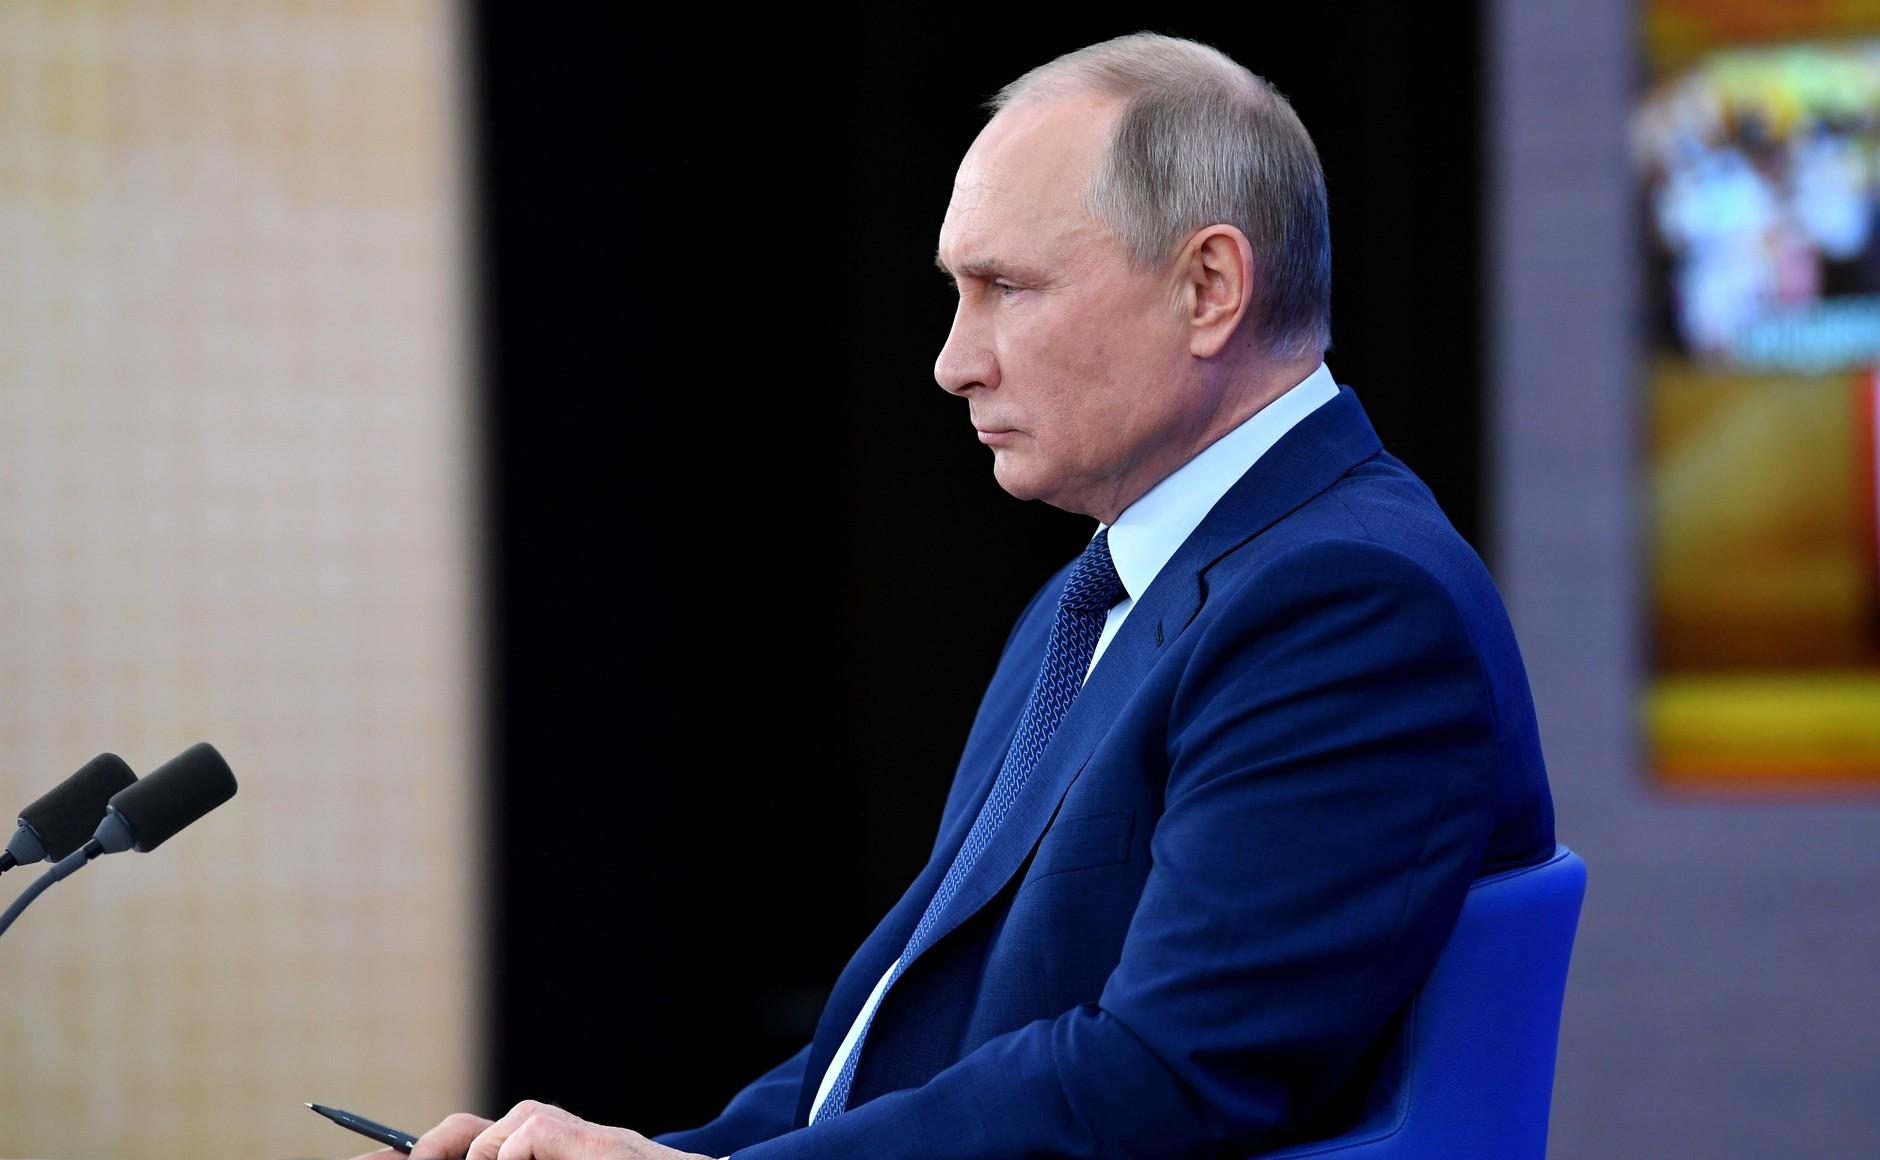 RUSSIE 17.12.2020.CONFERENCE 35 XX 66 Avant le début de la conférence de presse annuelle de Vladimir Poutine.